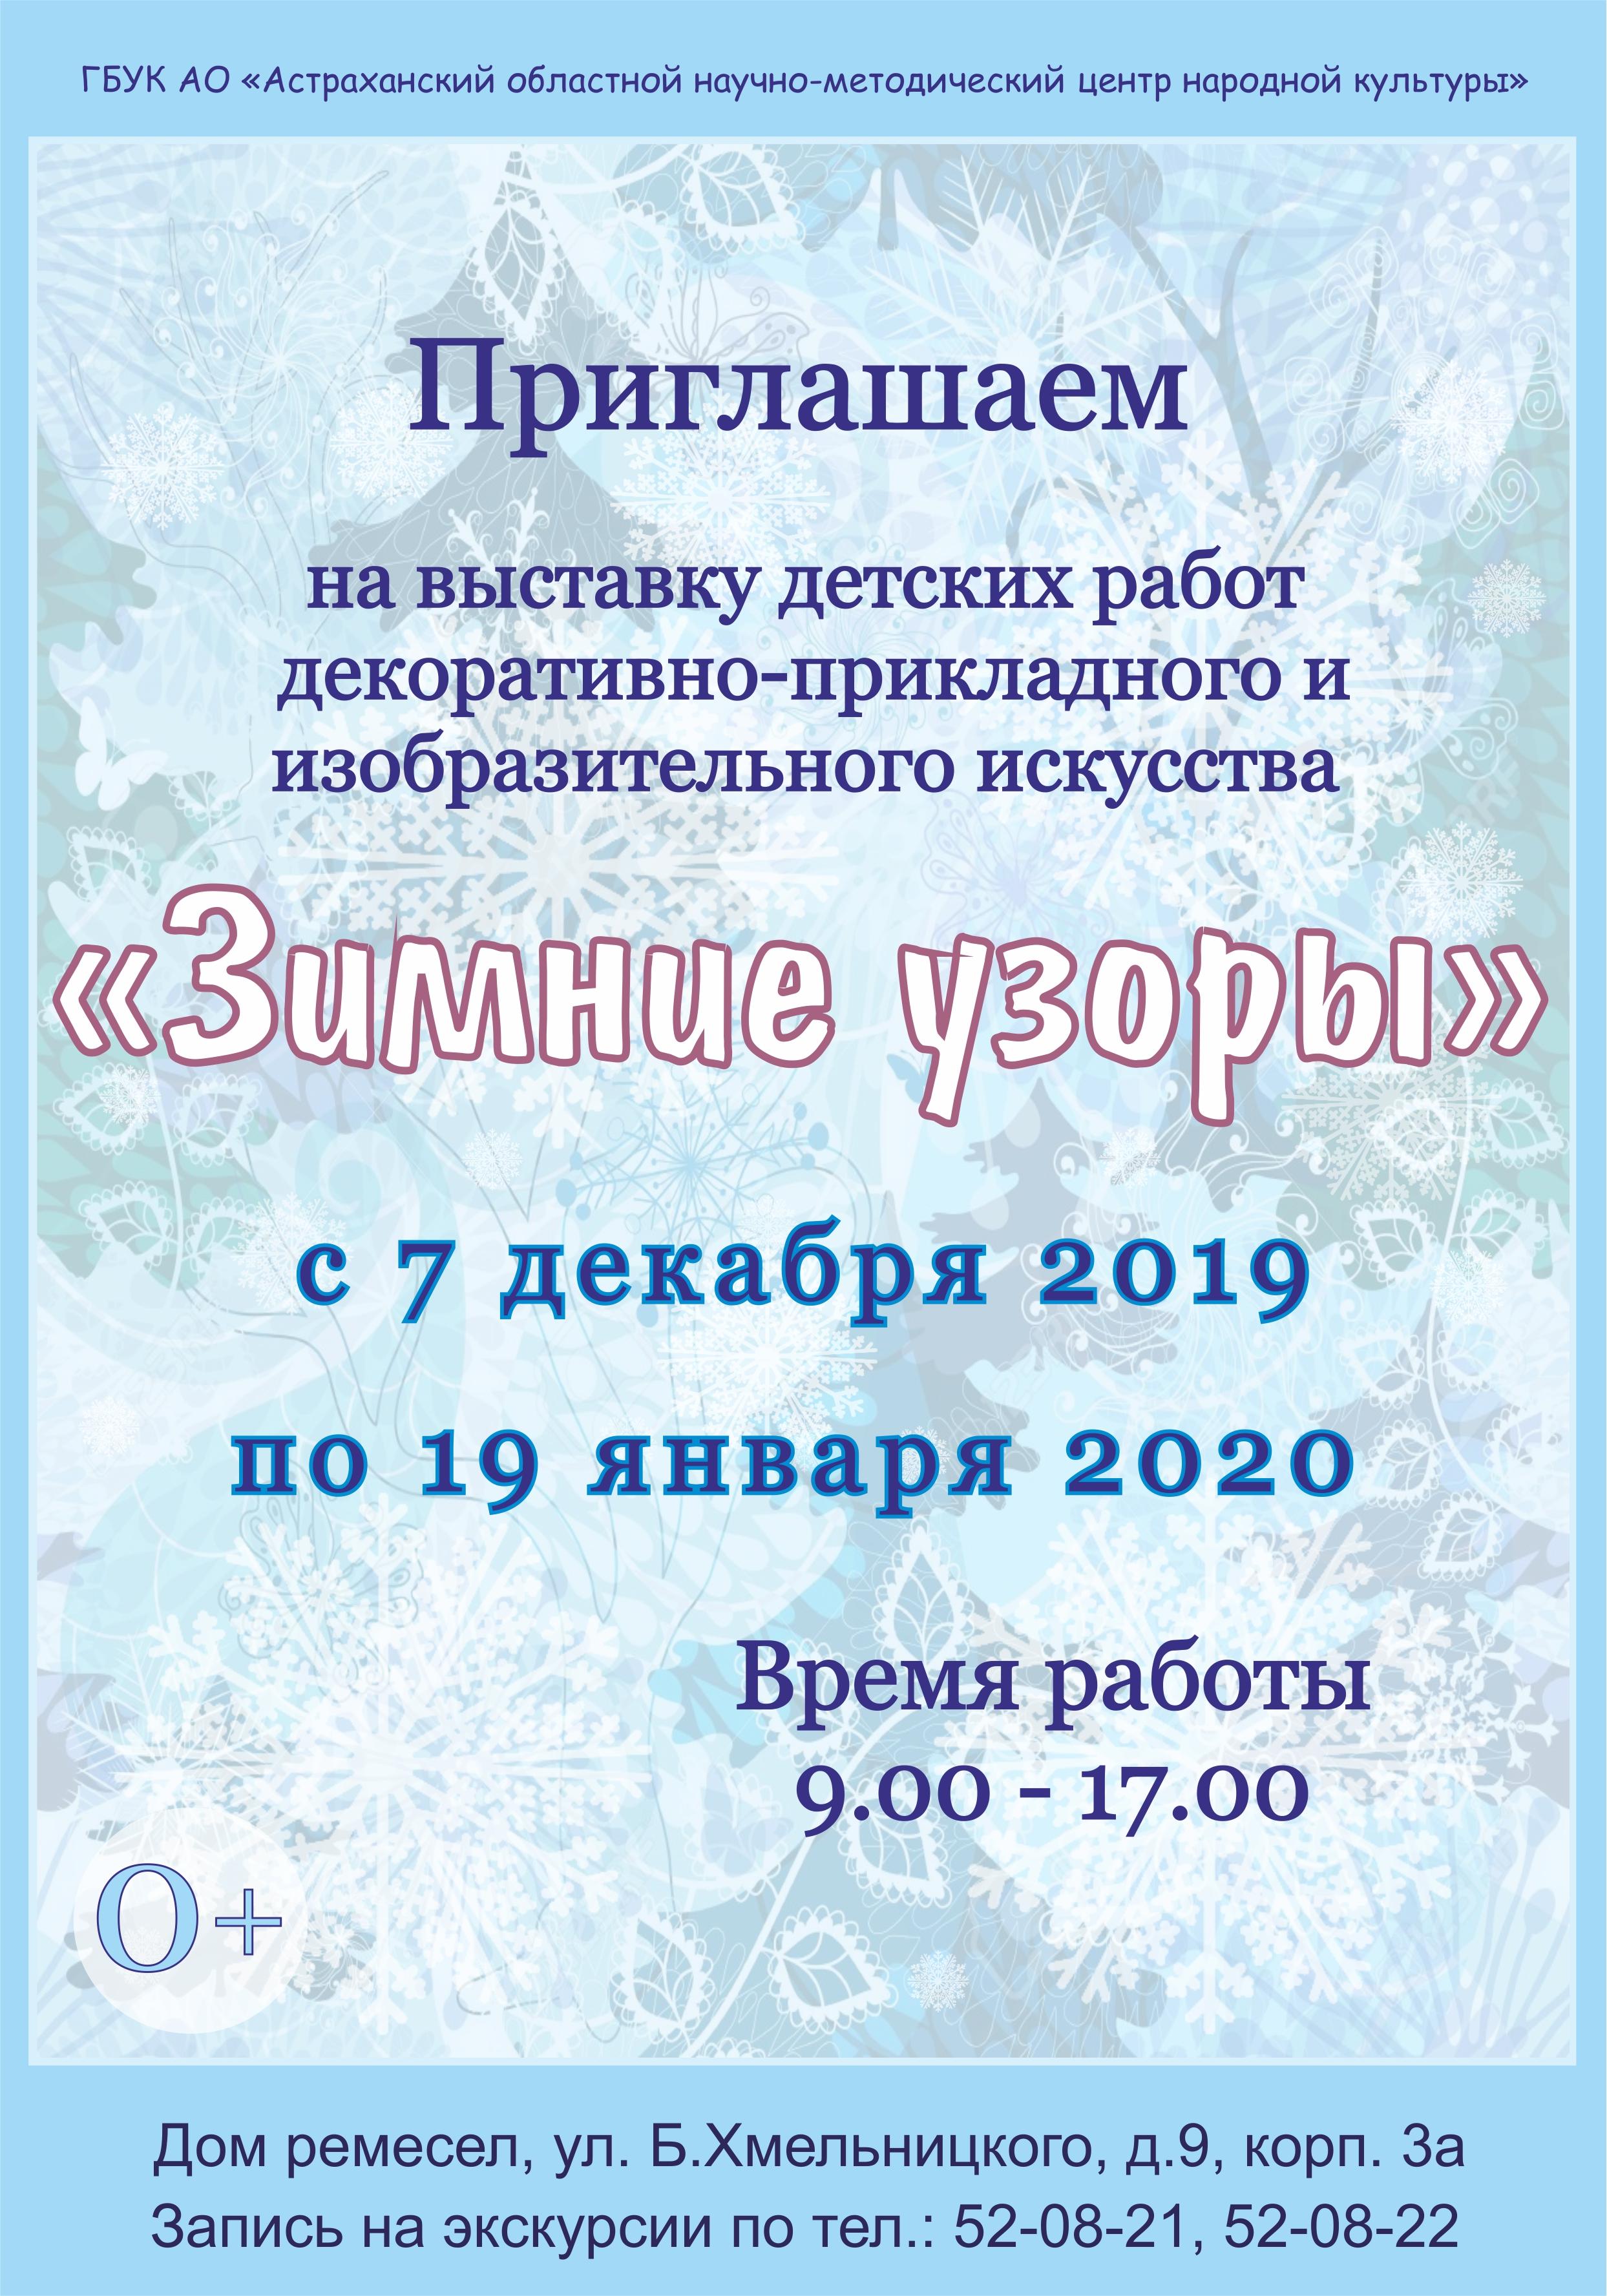 В Астрахани открывается выставка детских работ «Зимние узоры»